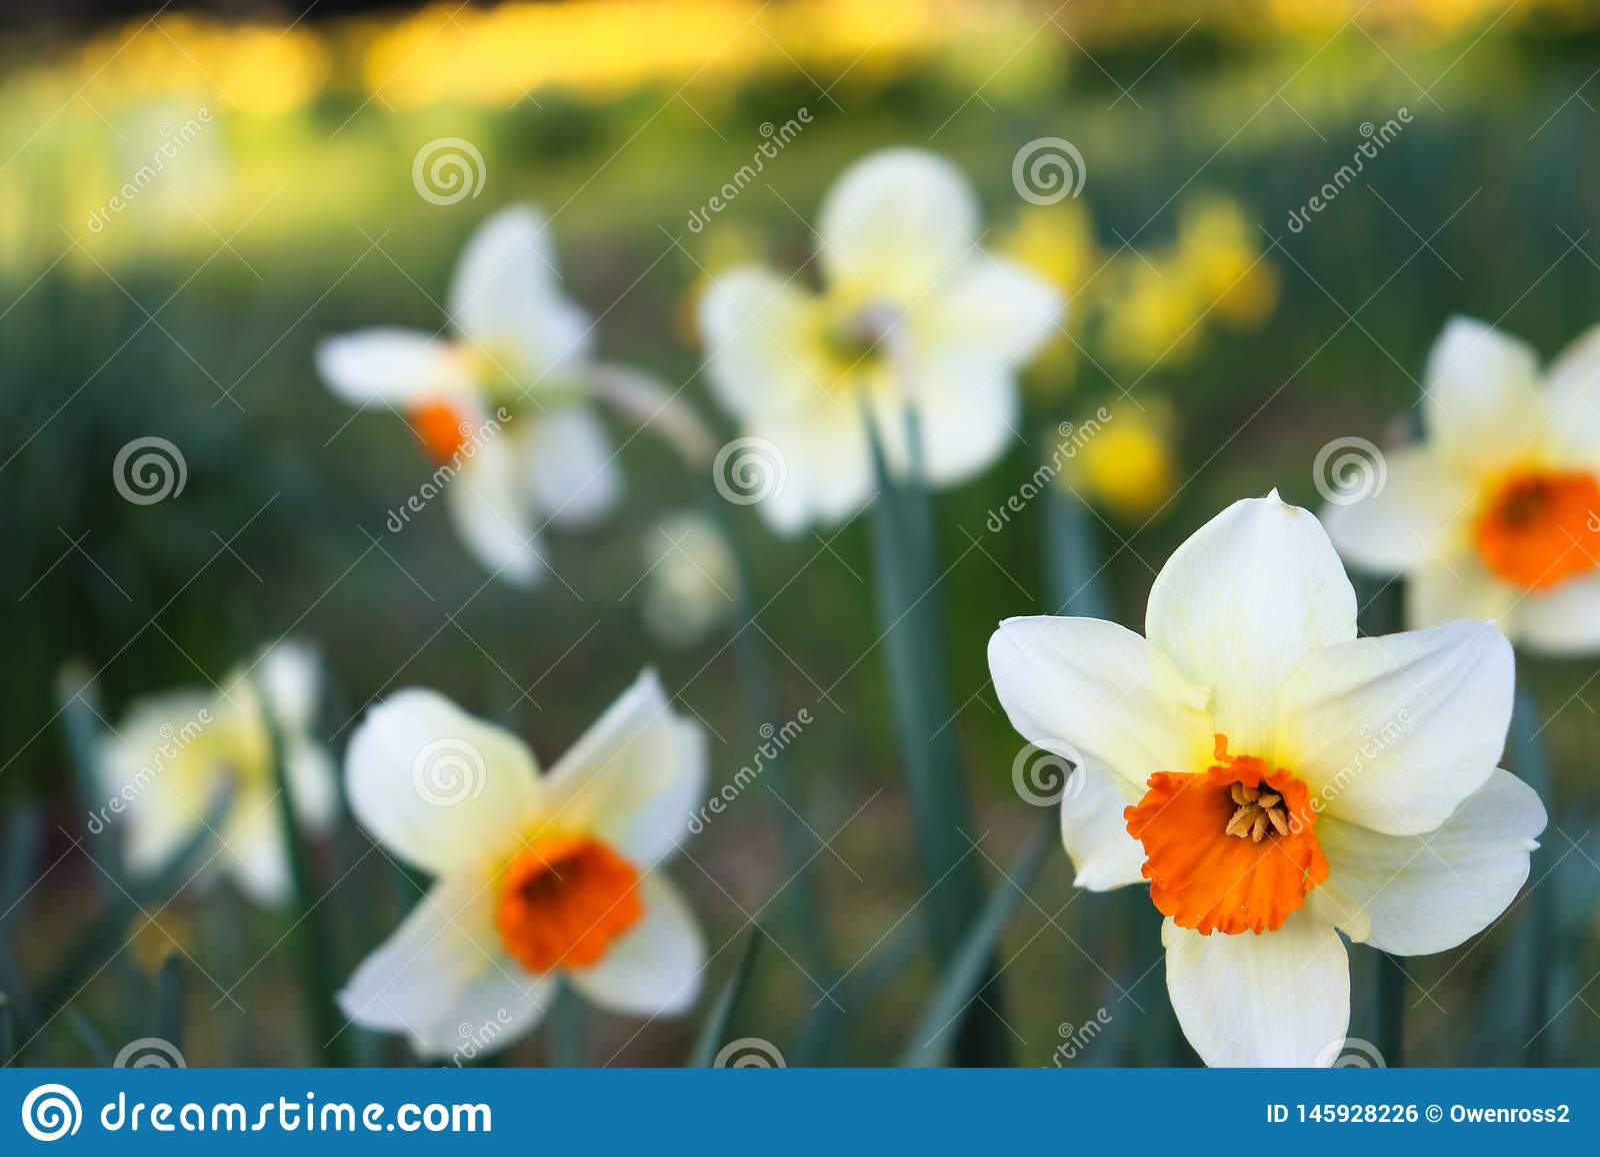 Flor branca/vermelha no primeiro plano com fundo borrado